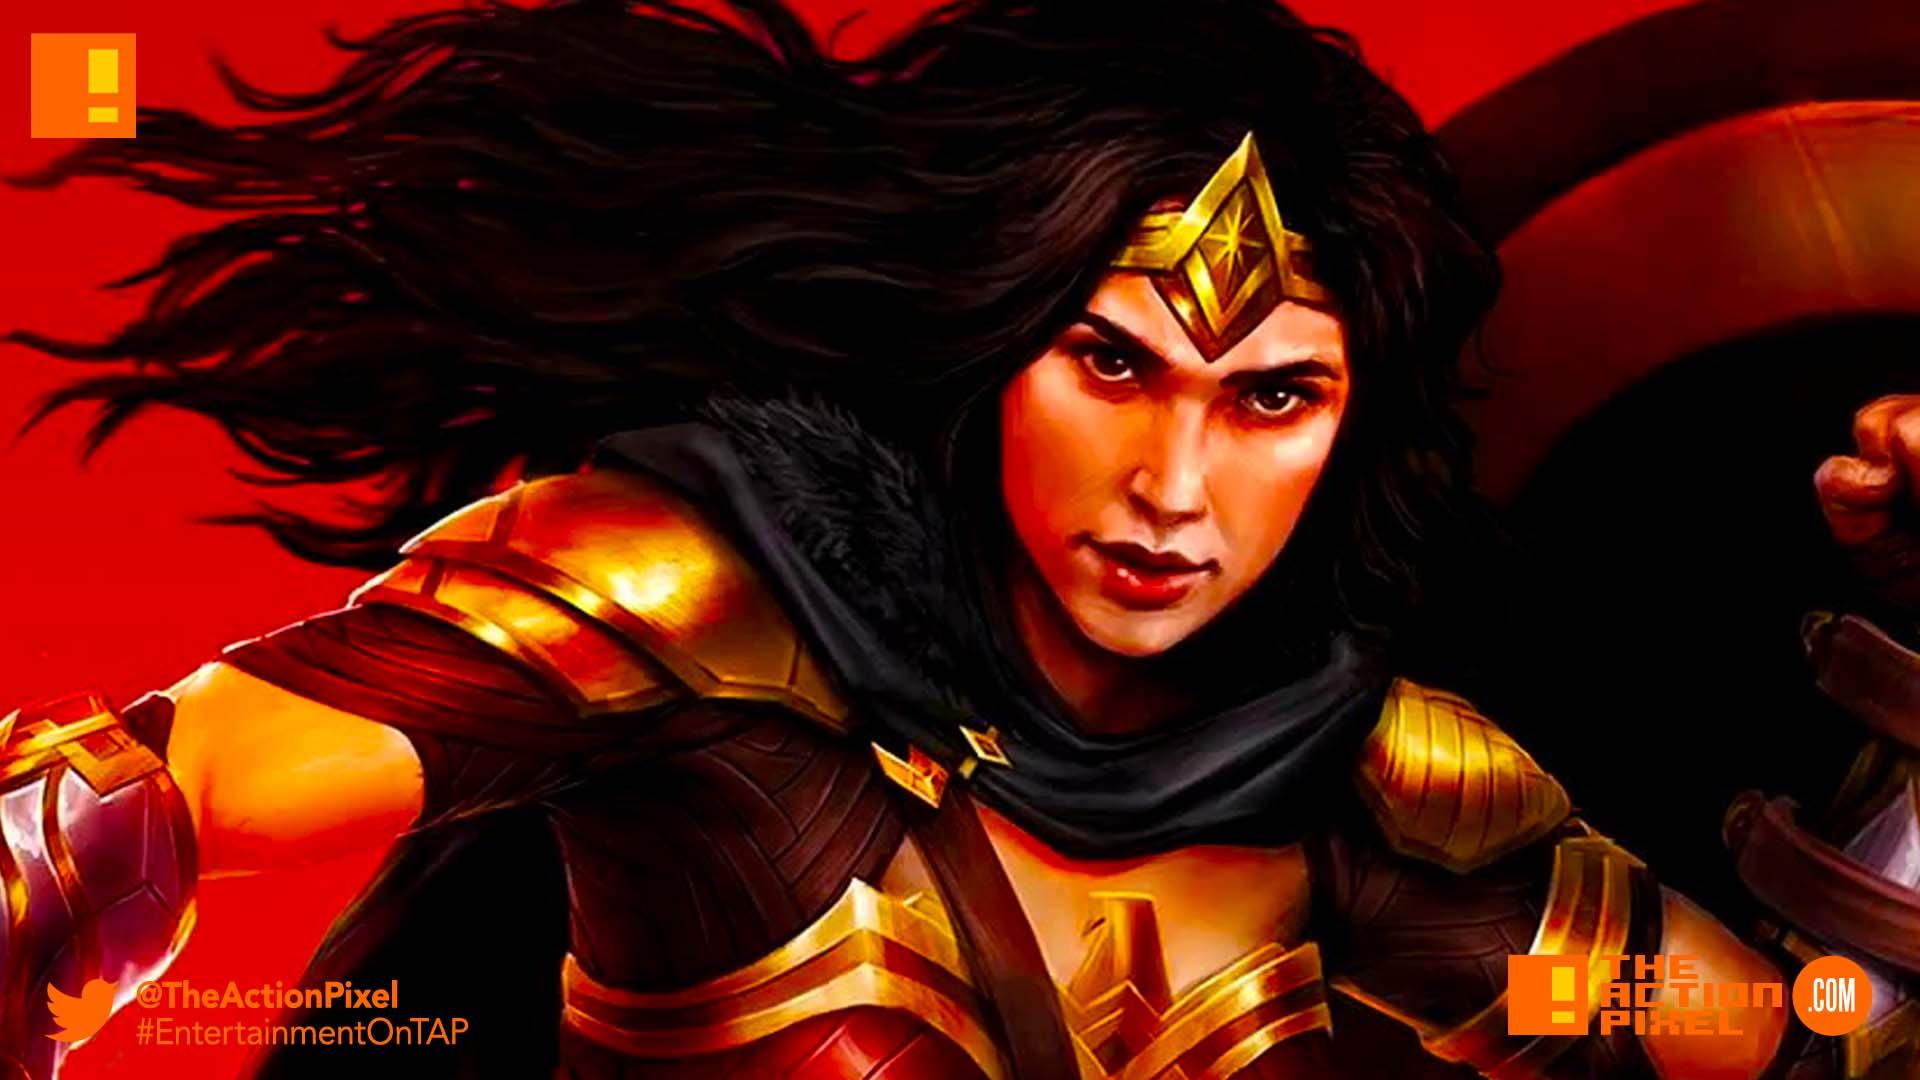 wonder woman, dc legends, the action pixel, dc comics, the action pixel, entertainment on tap